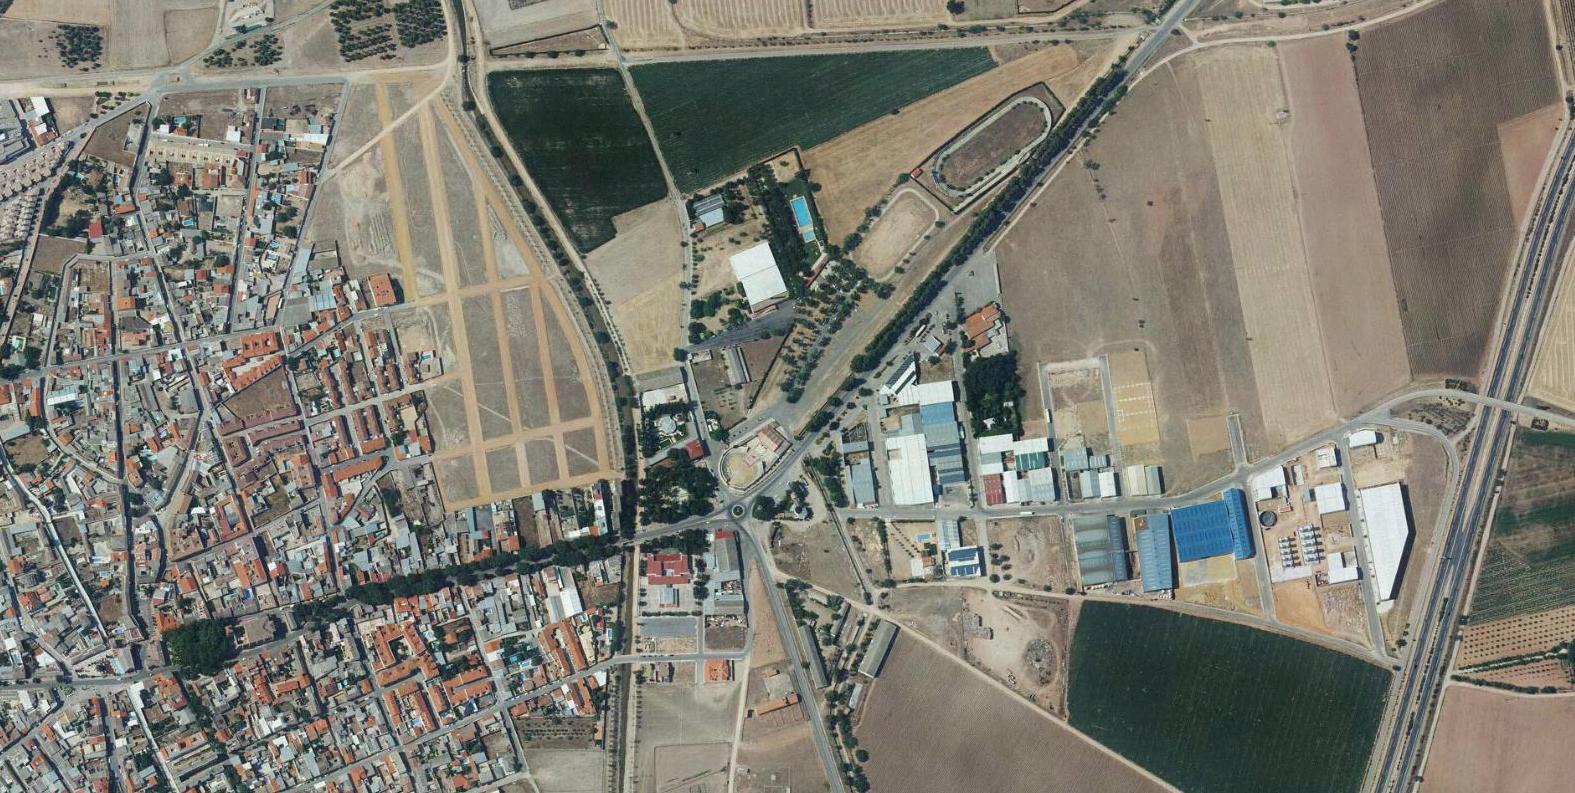 argmasilla de alba, ciudad real, little plaster, después, urbanismo, planeamiento, urbano, desastre, urbanístico, construcción, rotondas, carretera